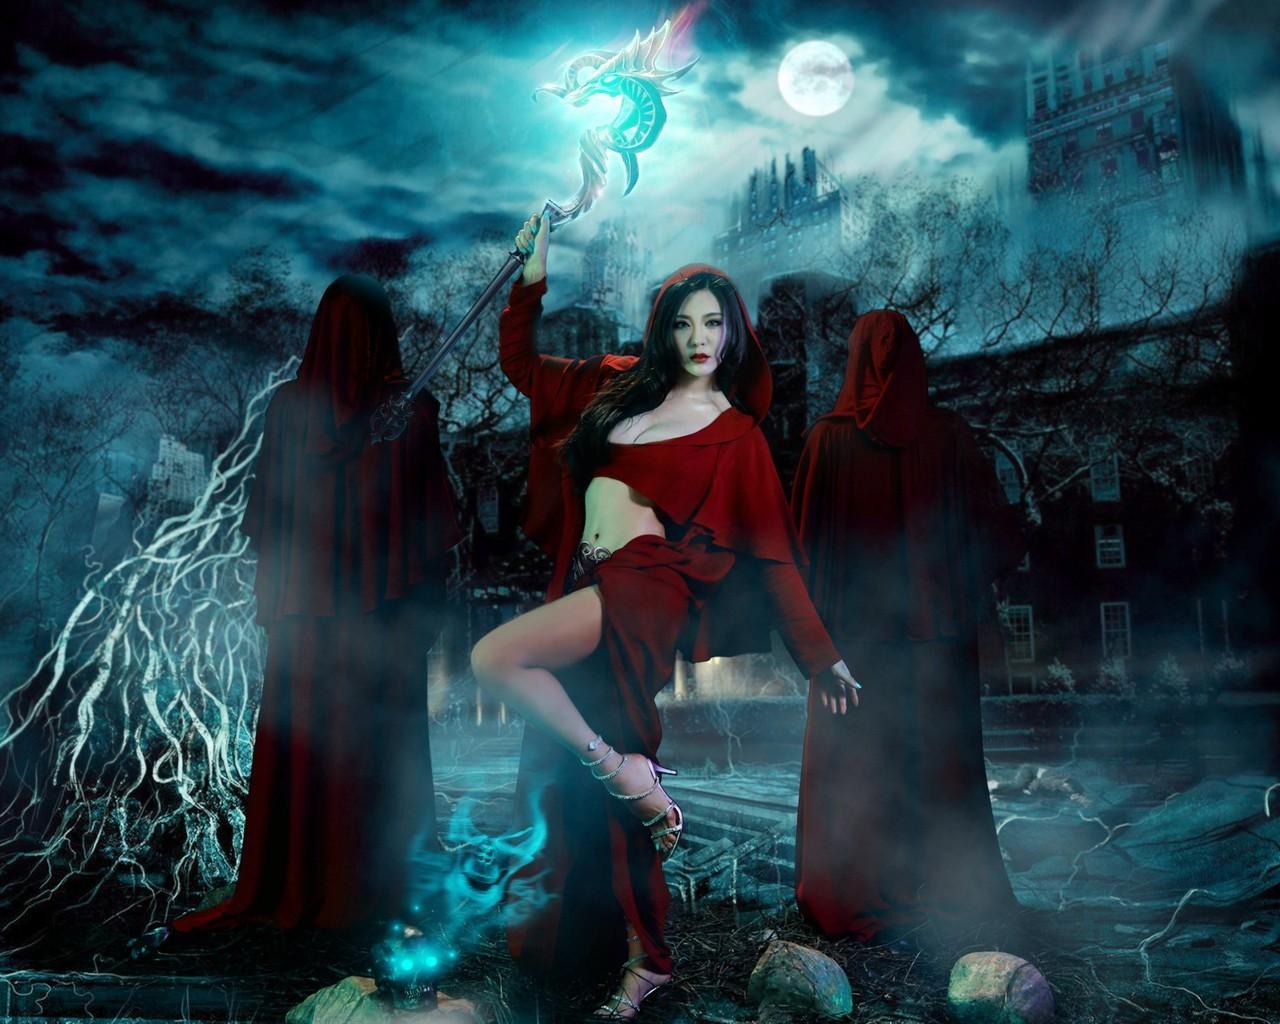 魔域之亡灵公主宽屏壁纸图片